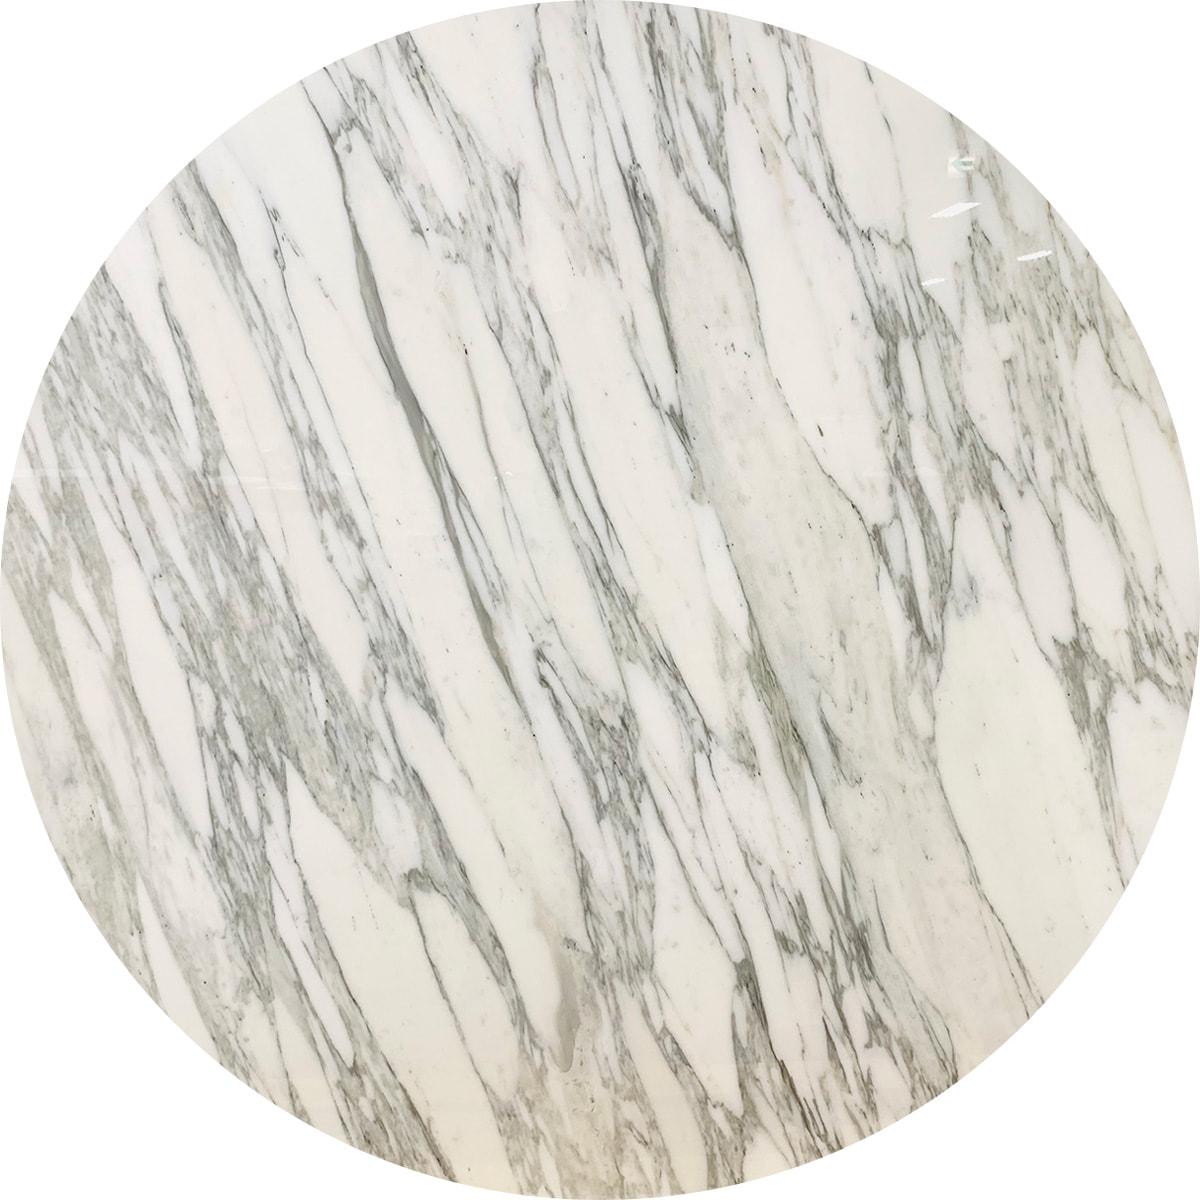 Saarinen Collection Round Tables(サーリネンテーブル) 1370mm アラベスカート 164TRMA2 (013)